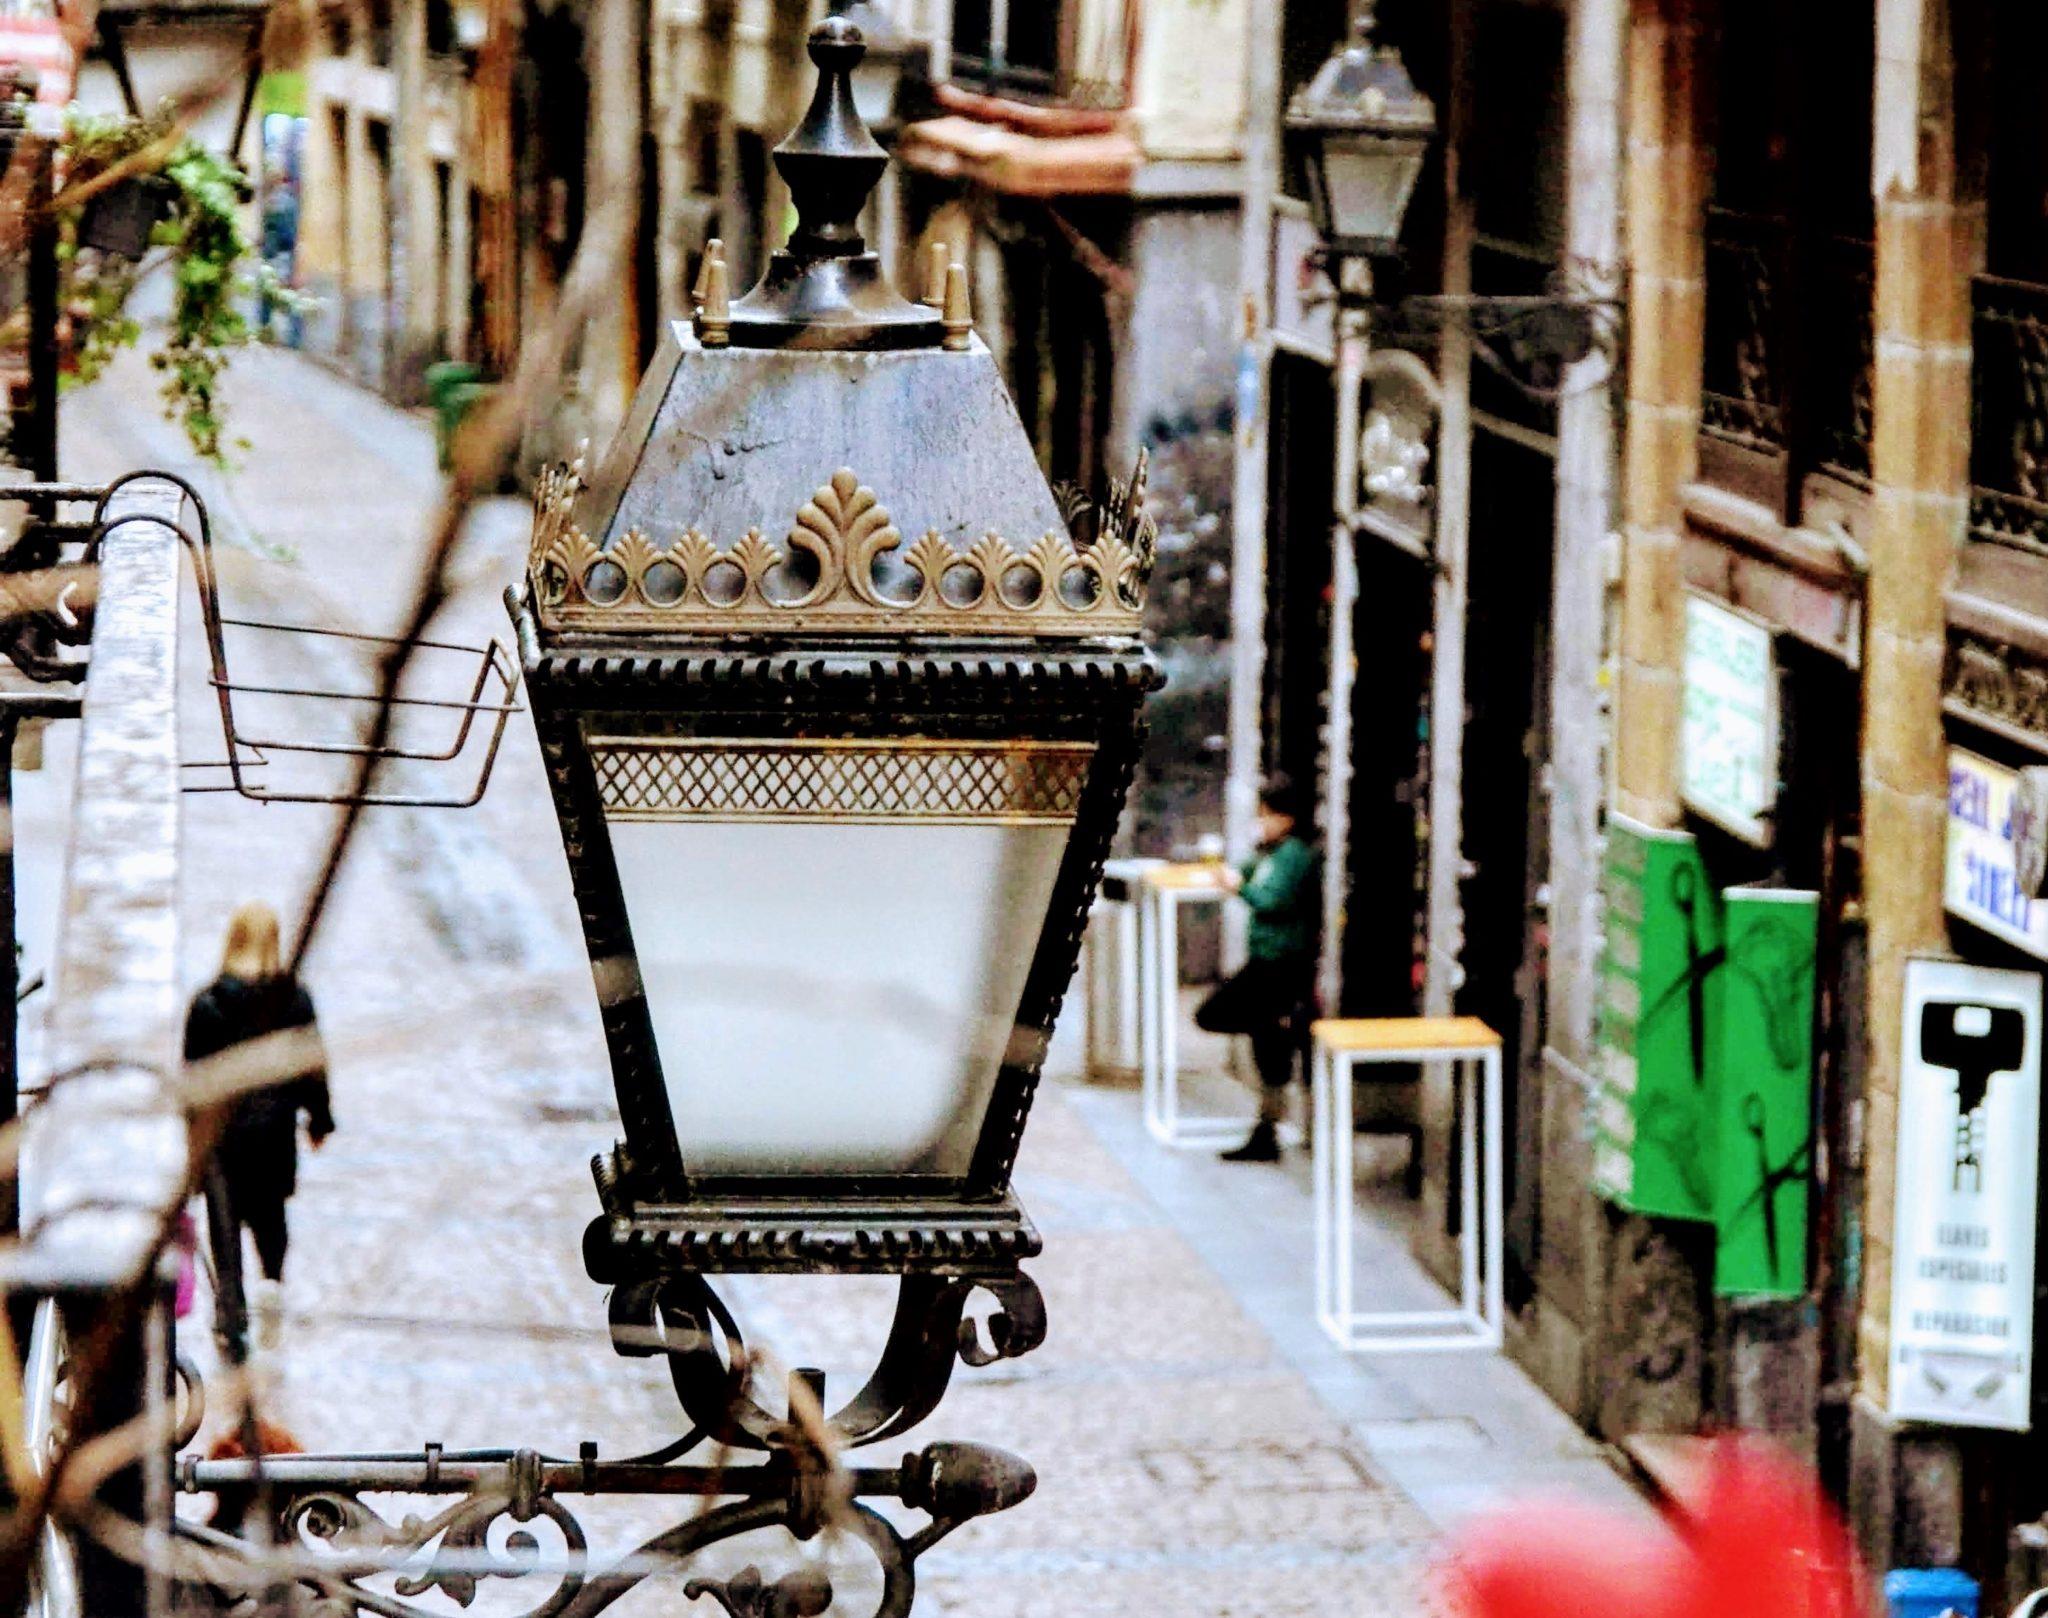 Inmobiliaria Casco Viejo Bilbao - Servicios